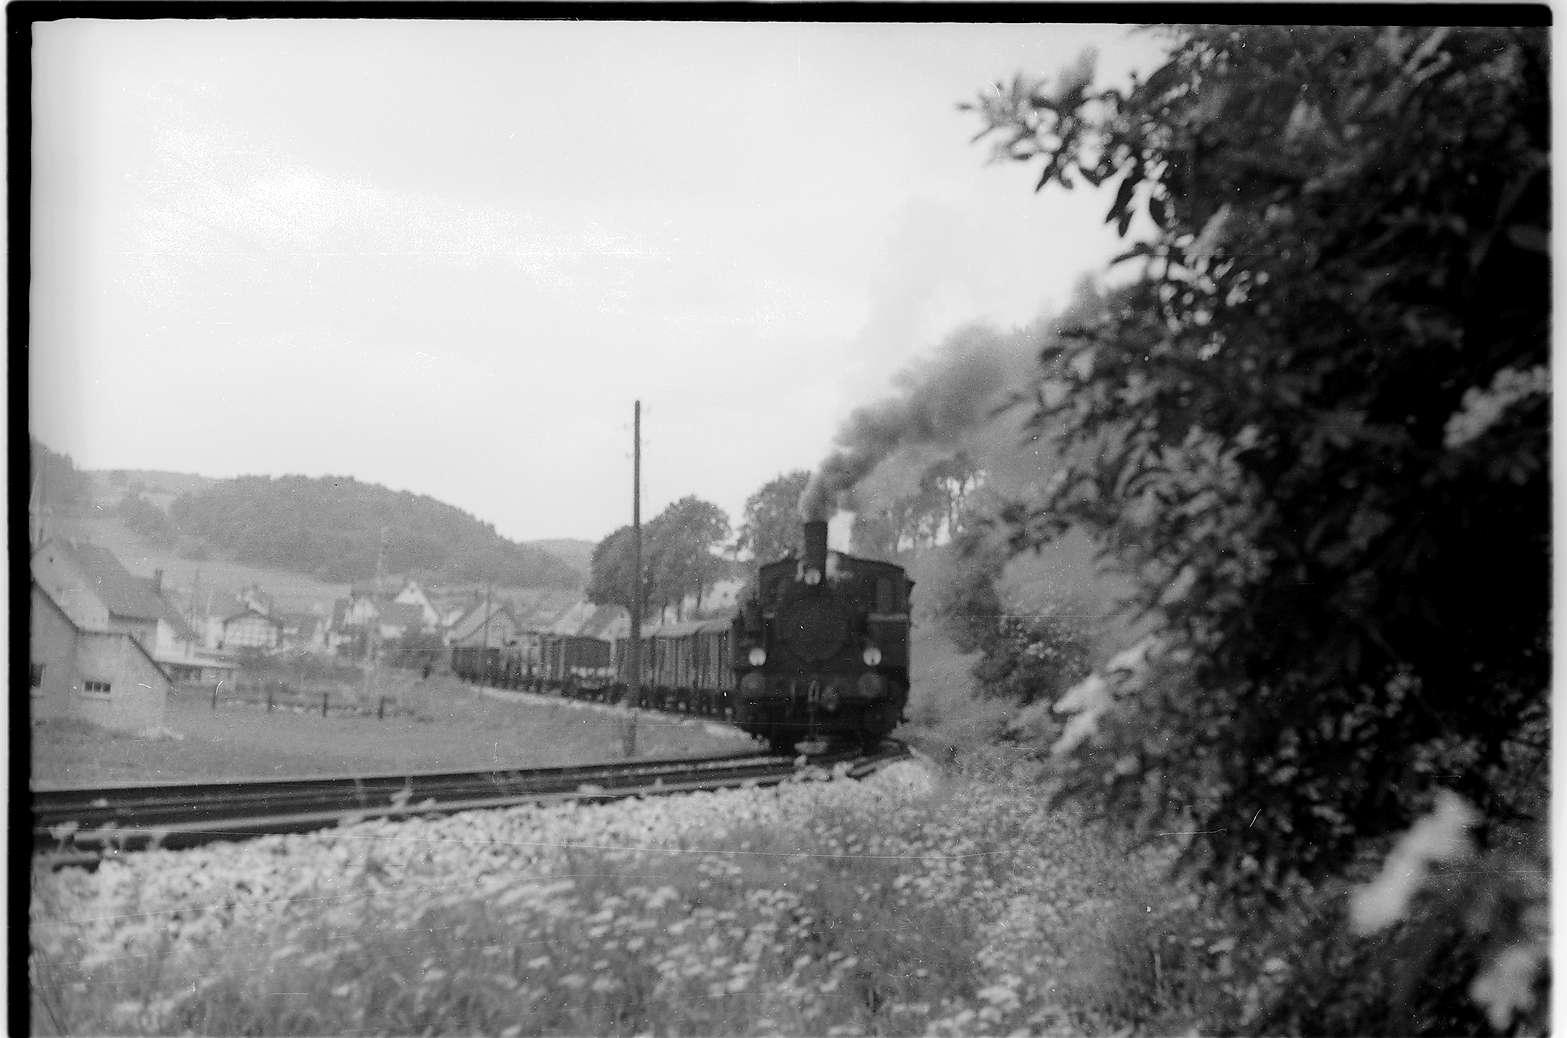 Strecke Neufra - Gammertingen, Lok 12 stellt einen Teil des Güterzuges in Neufra ab, dieser wird mit einer zweiten Fahrt geholt, Bild 1